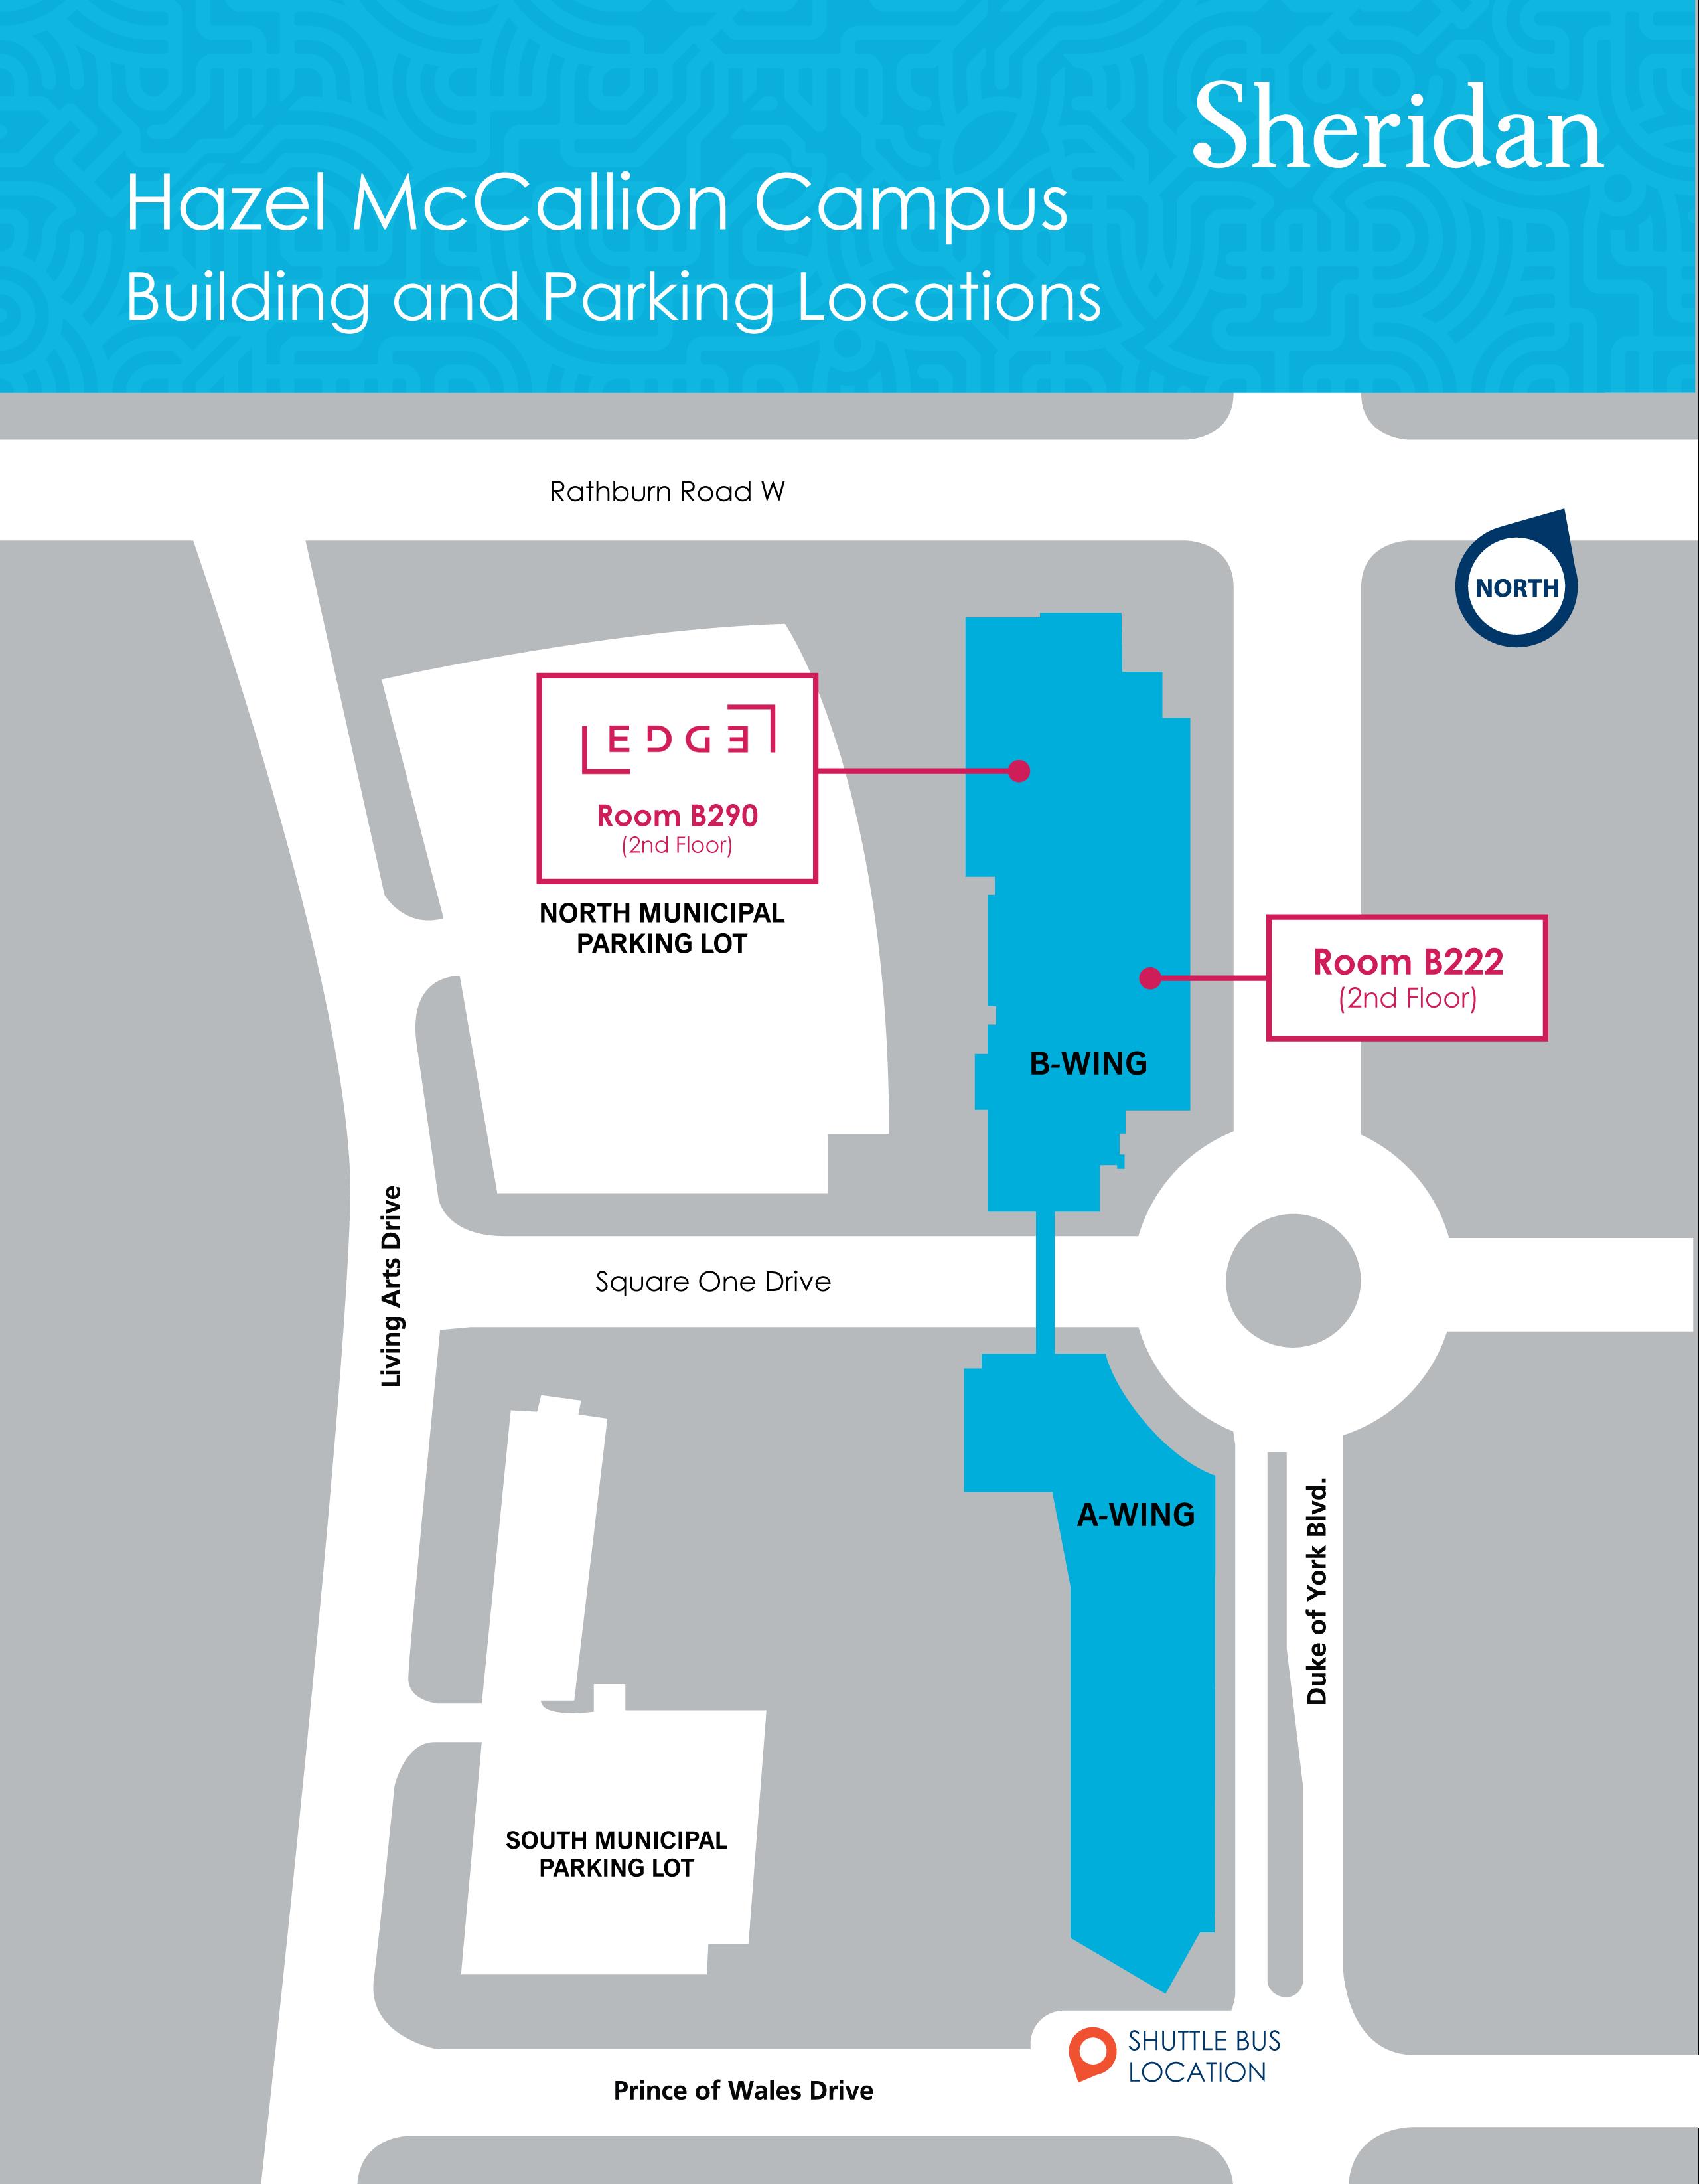 HMC Campus Map